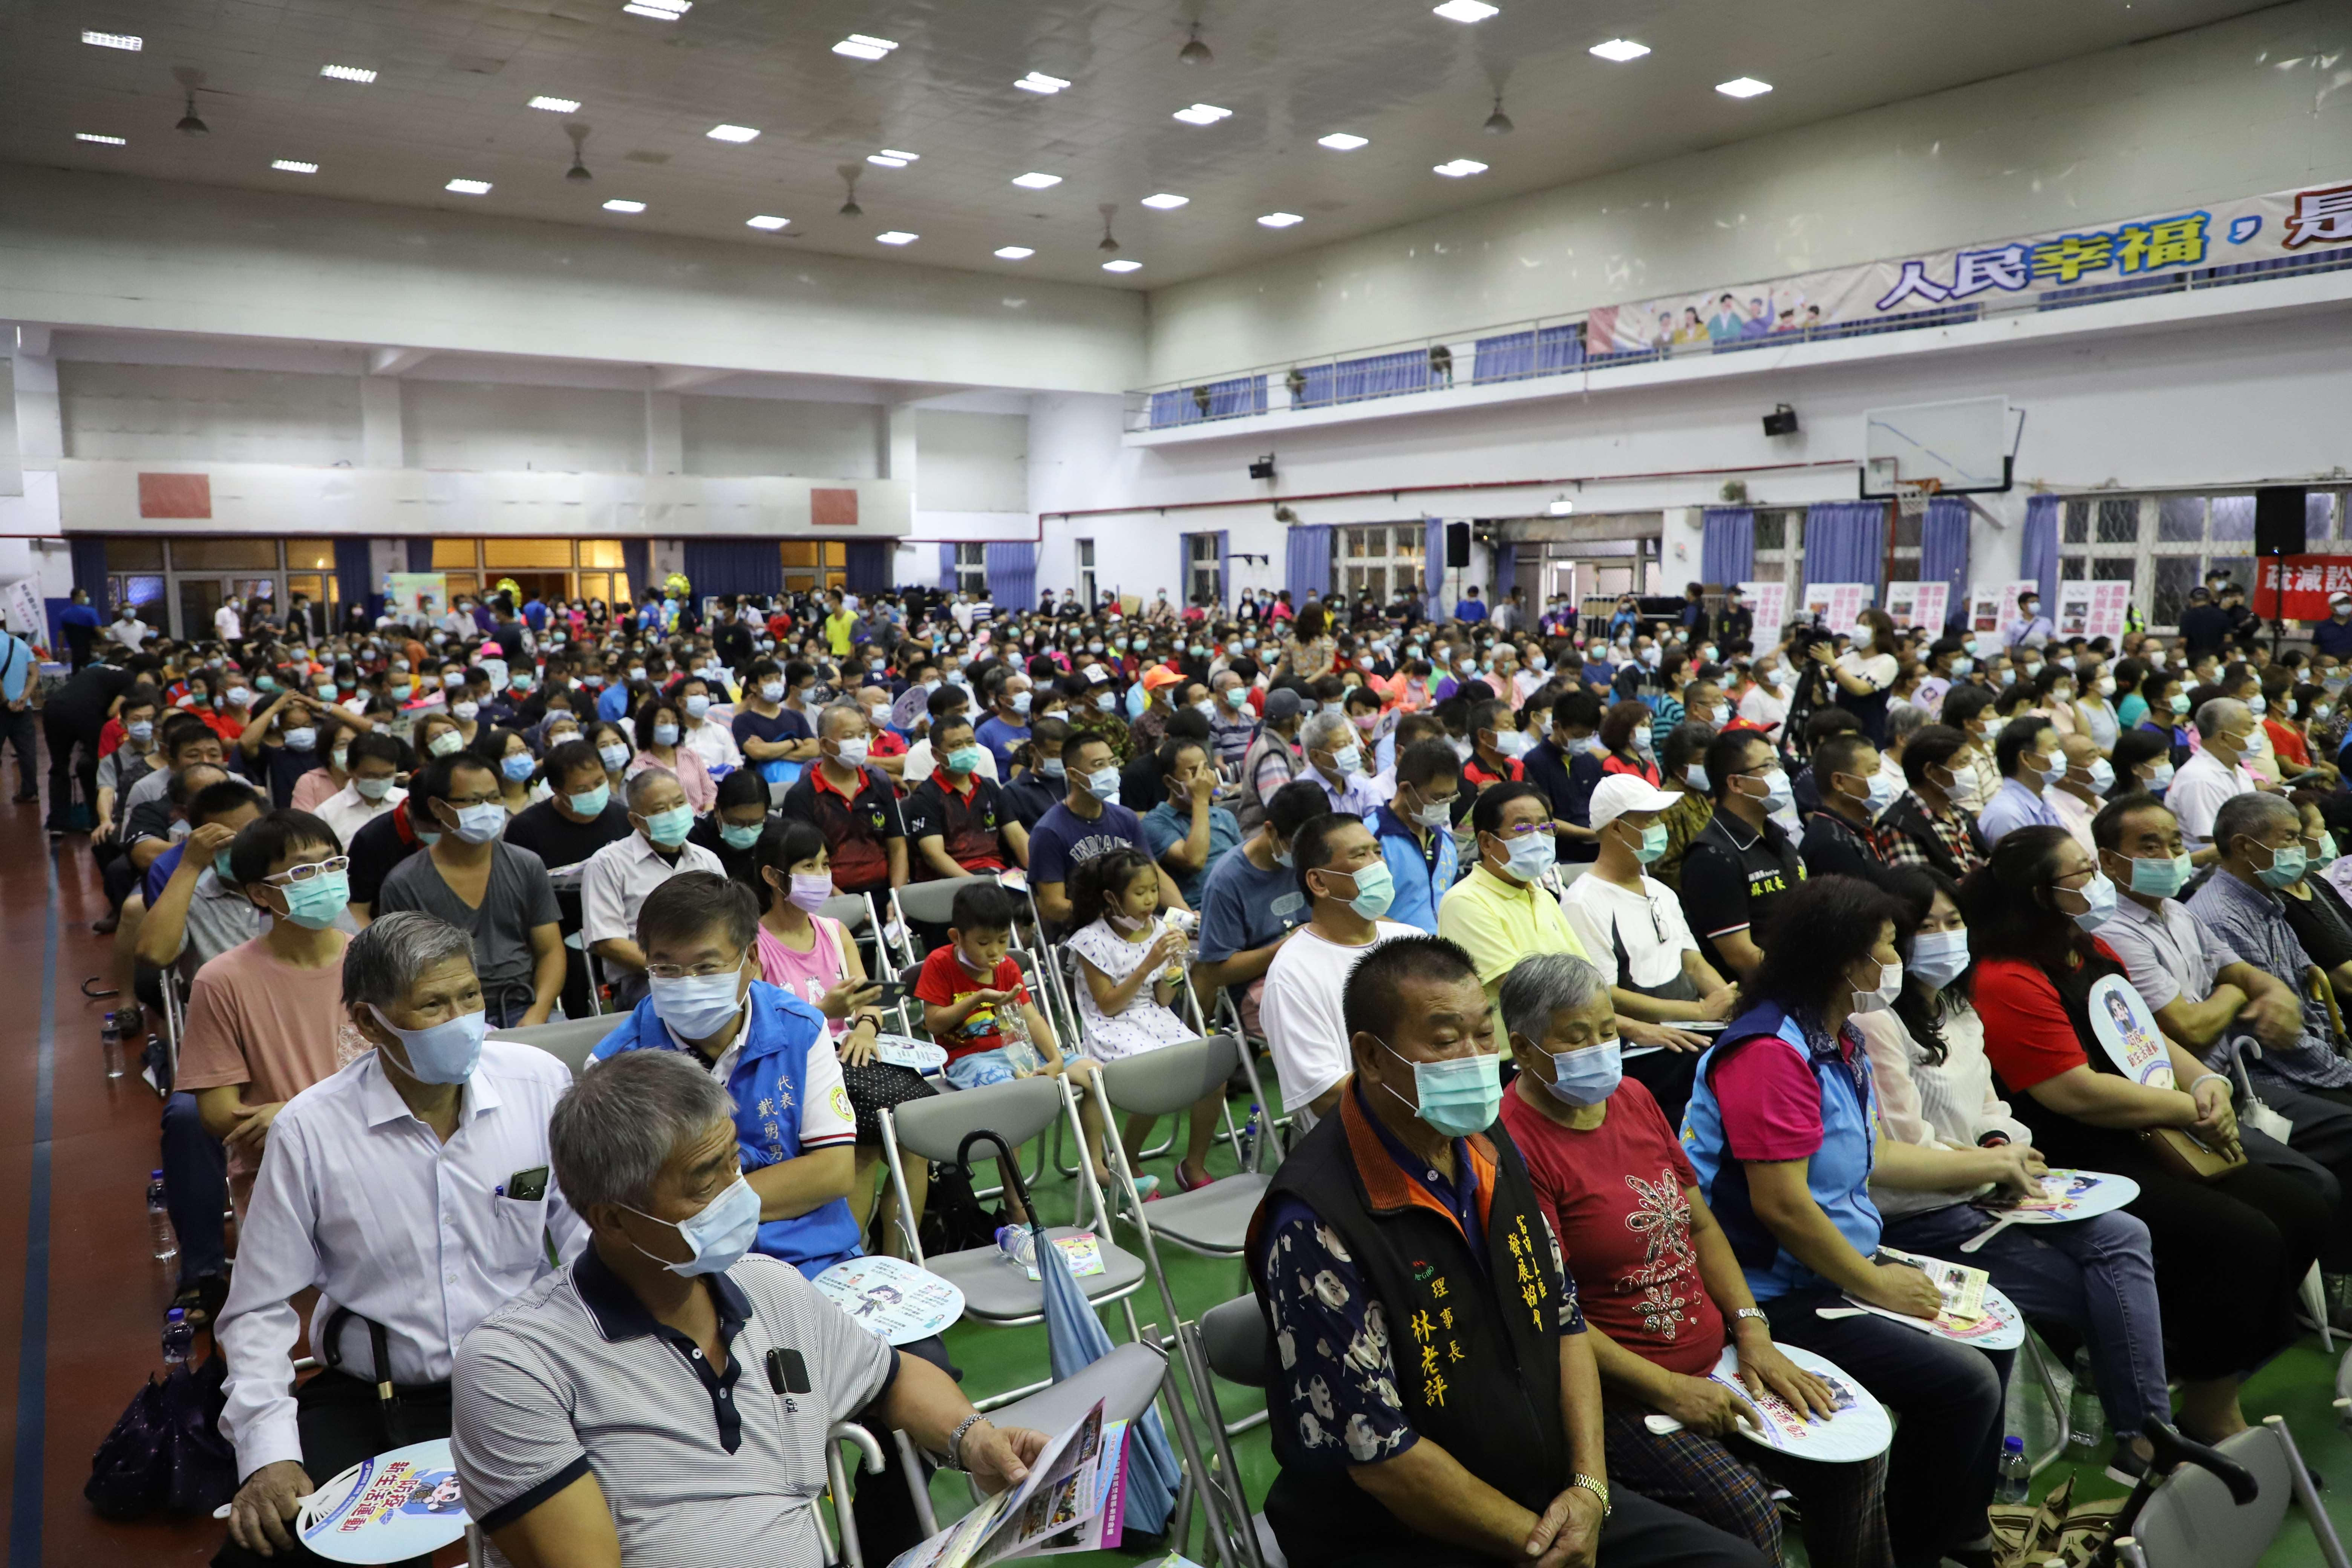 2020縣政座談會台西場昨日舉行,雖然下大雨,民眾仍熱情參與。